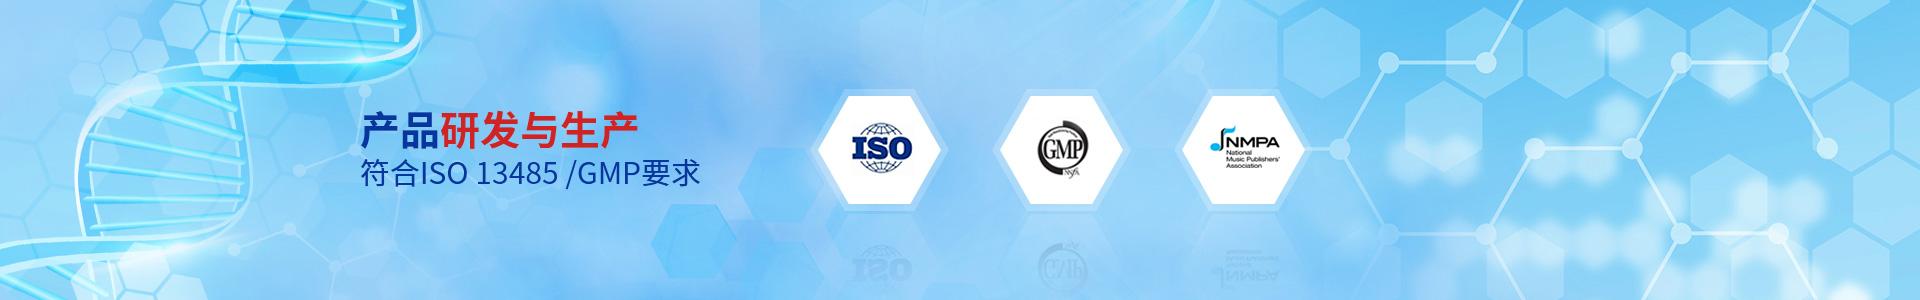 迈杰产品研发与生产符合ISO13485/GMP临检要求